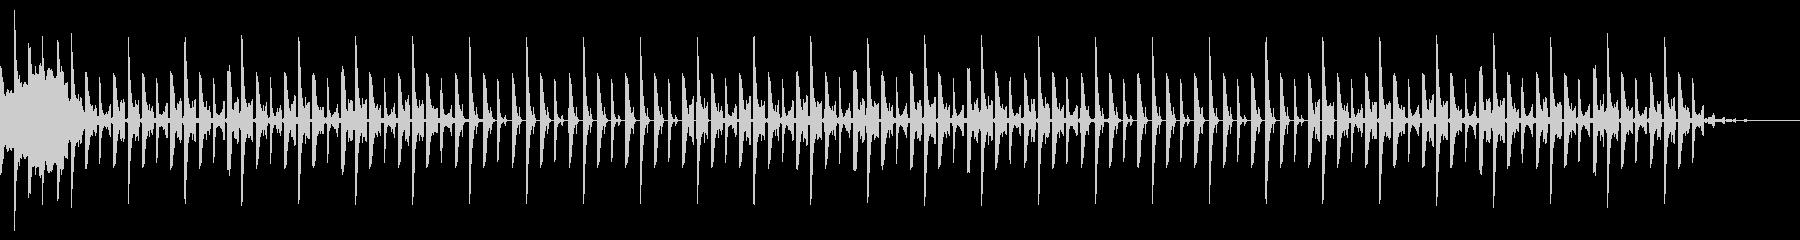 1分ジングル、エレクトリック、ポップの未再生の波形